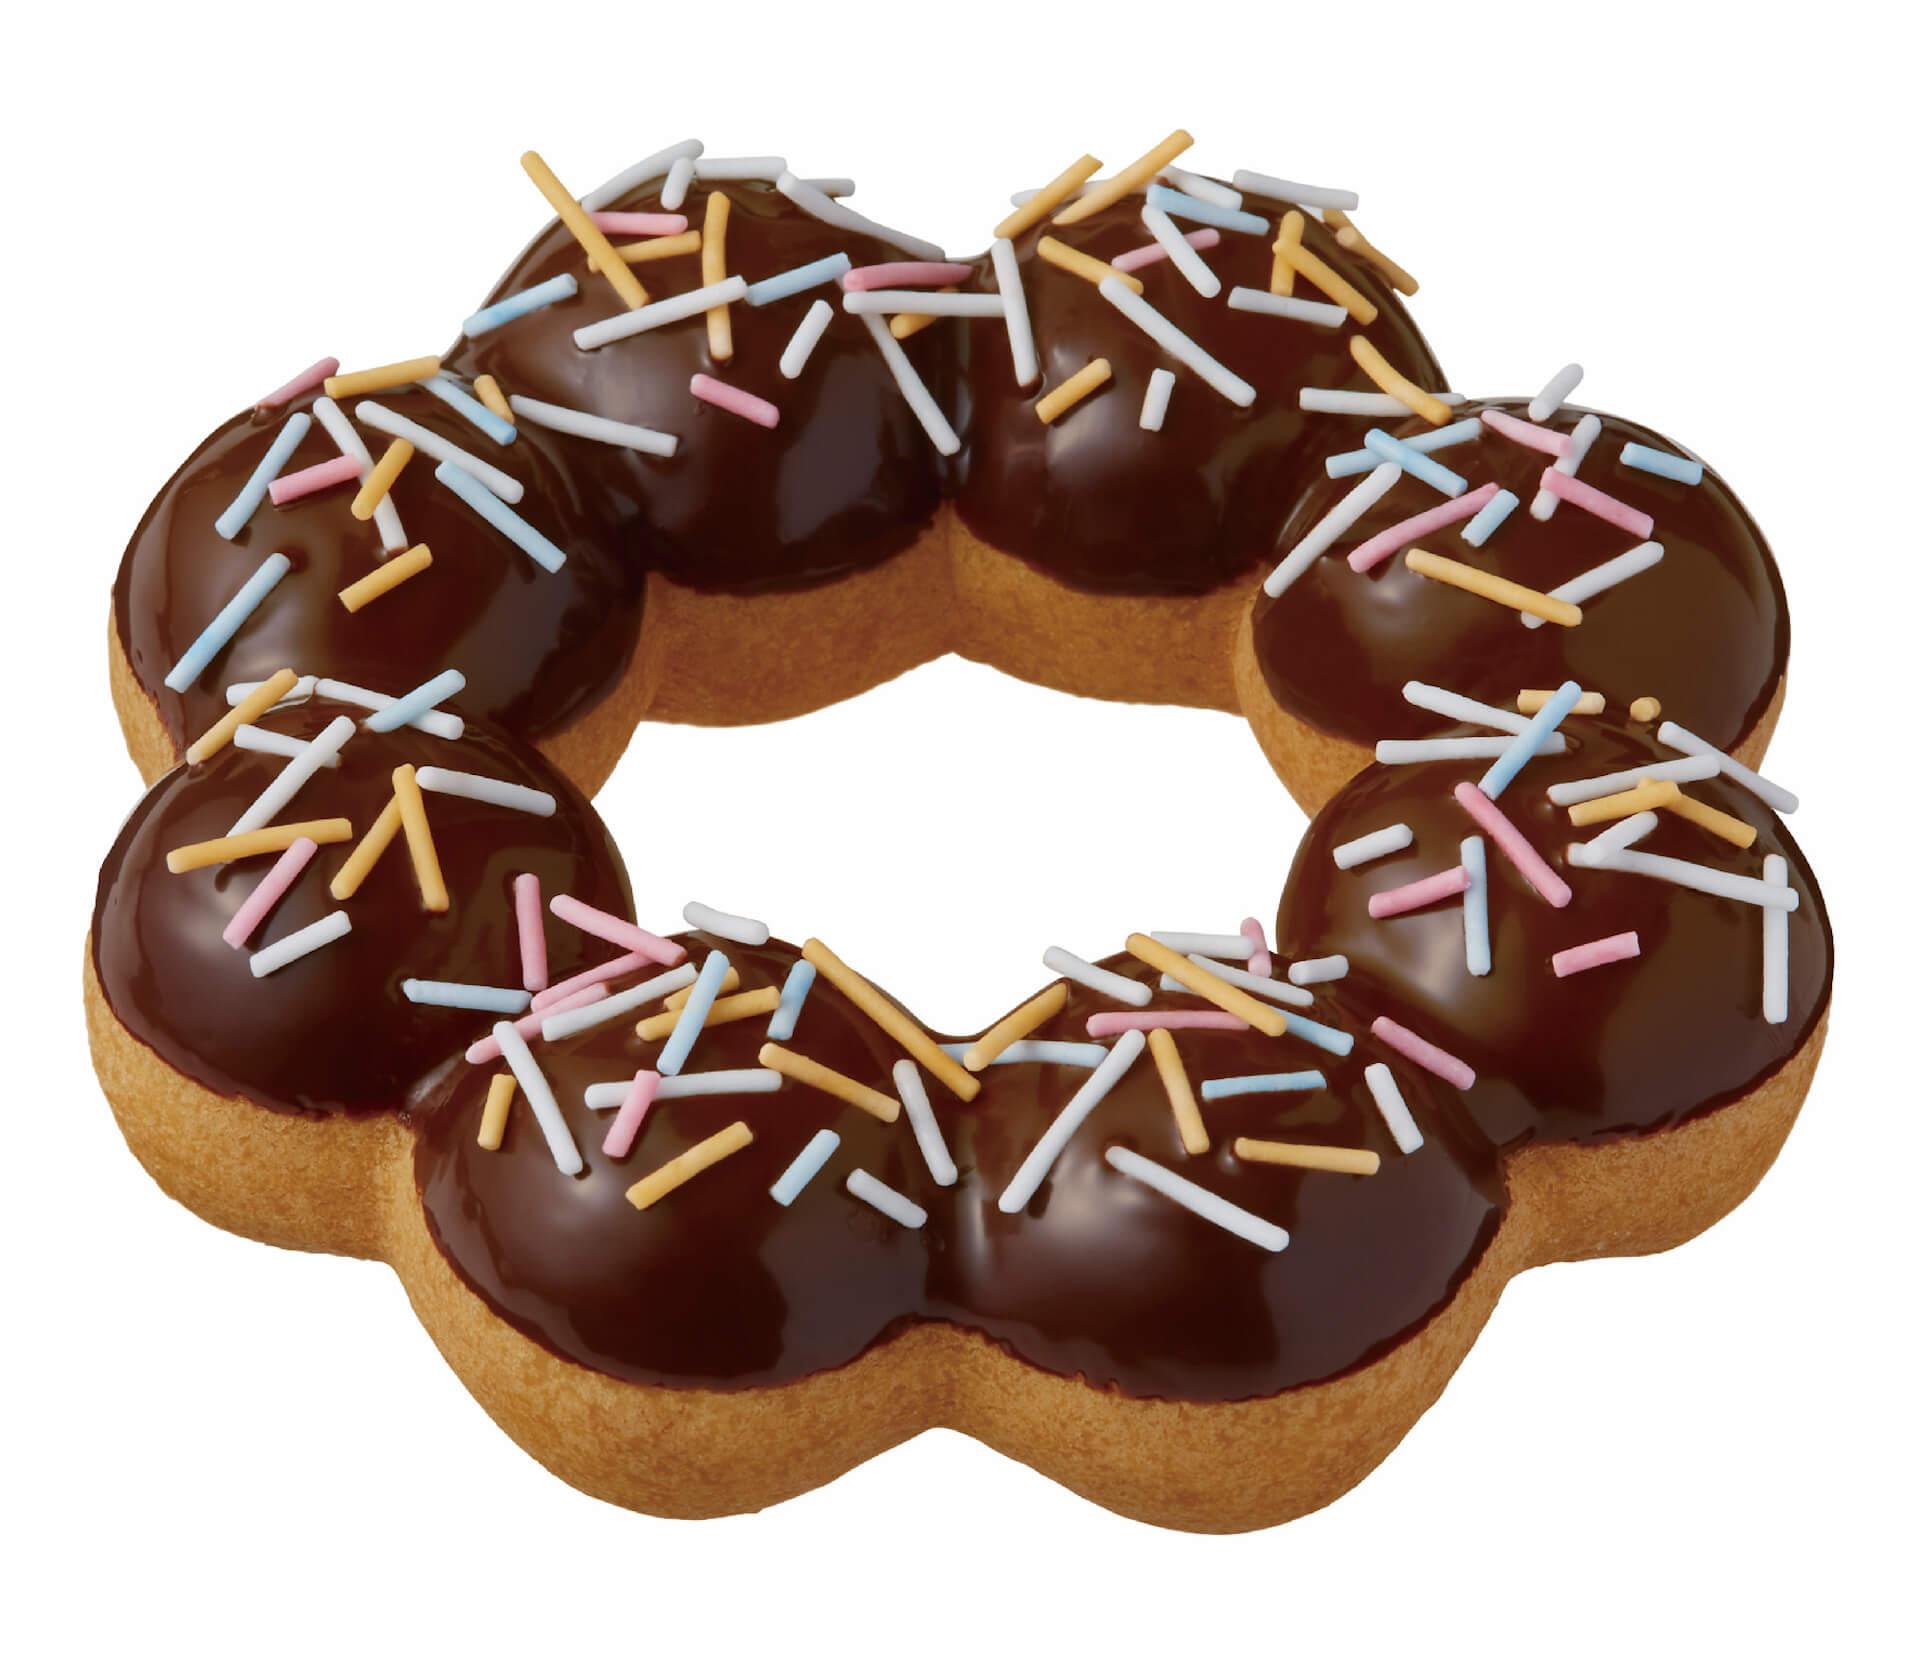 ミスドとポケモンのコラボドーナツ&グッズがついに解禁!ピカチュウ、ラッキーがドーナツに gourmet201105_misdo_pokemon_10